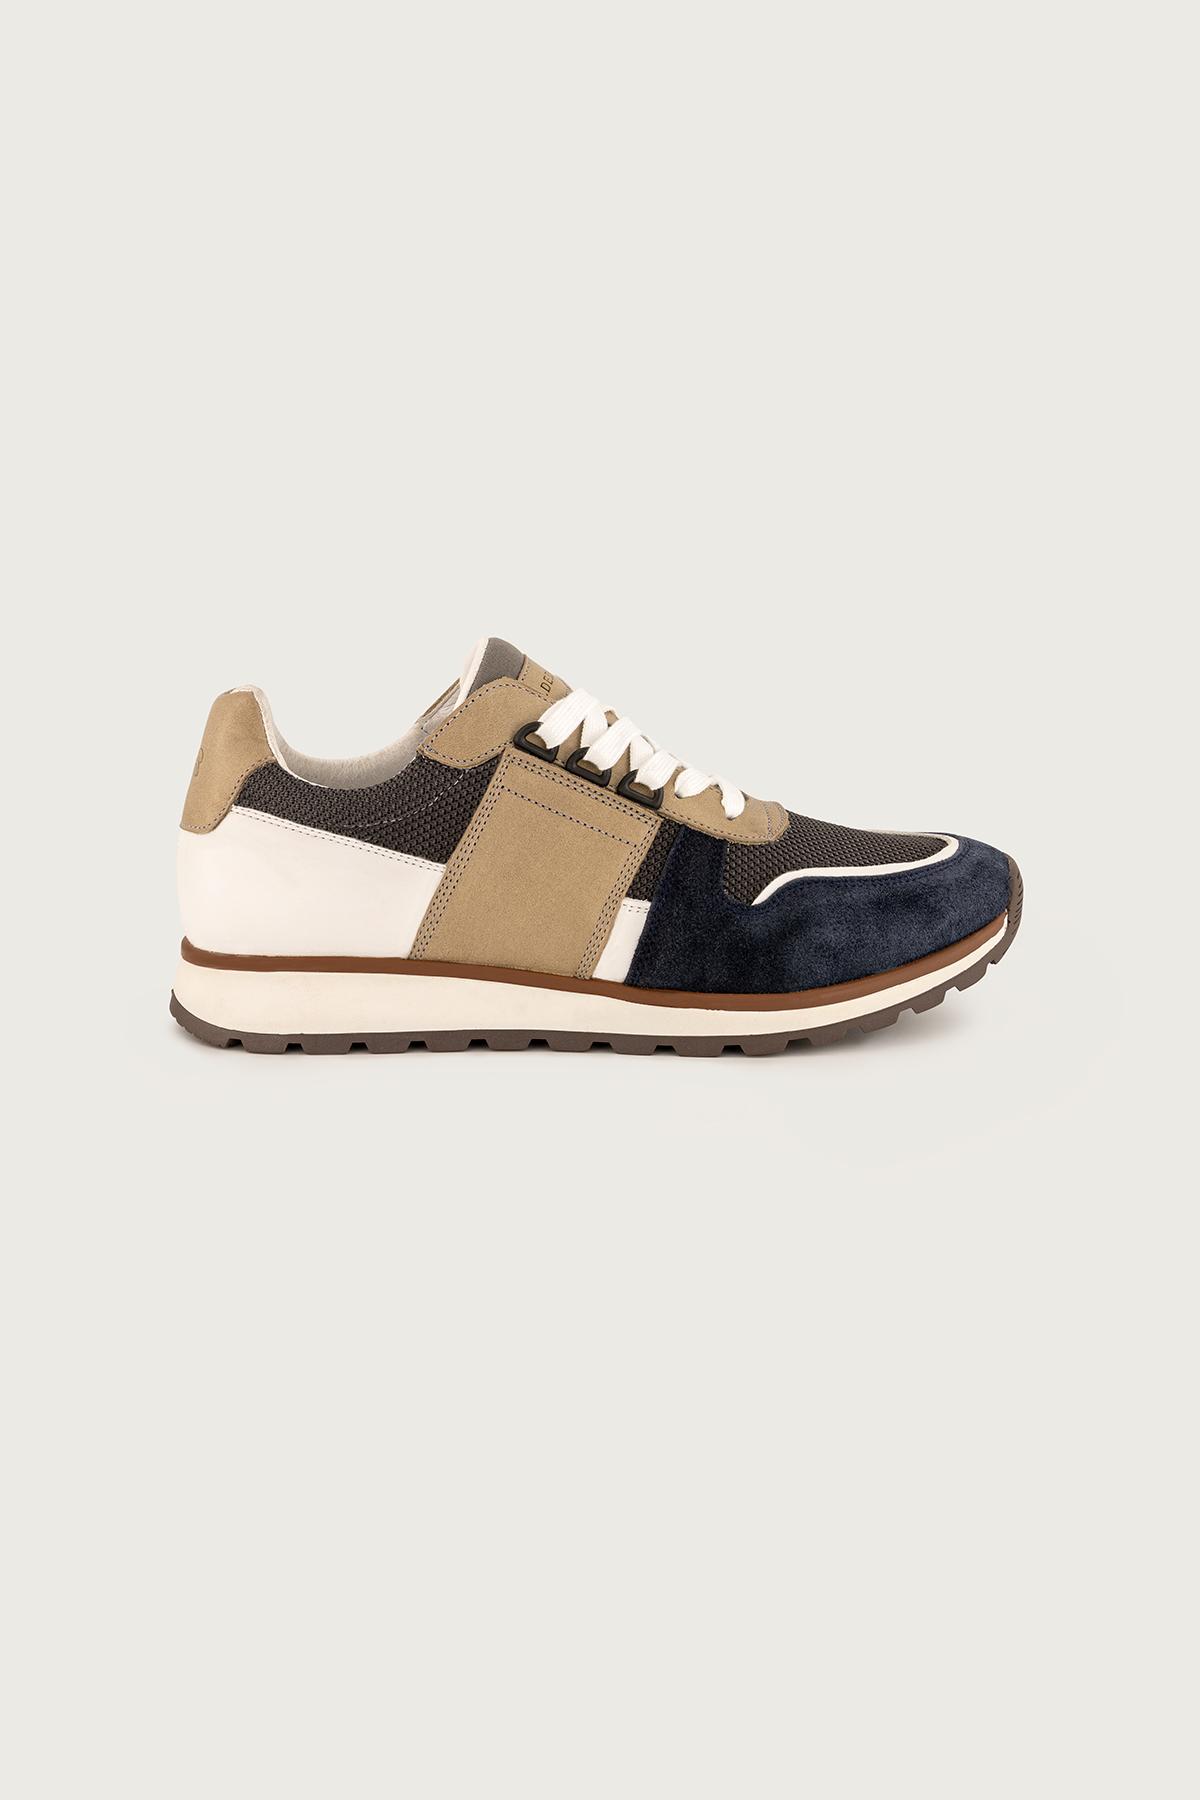 """Sneakers  CALDERONI, modelo """"Cerdeña"""" color azul."""